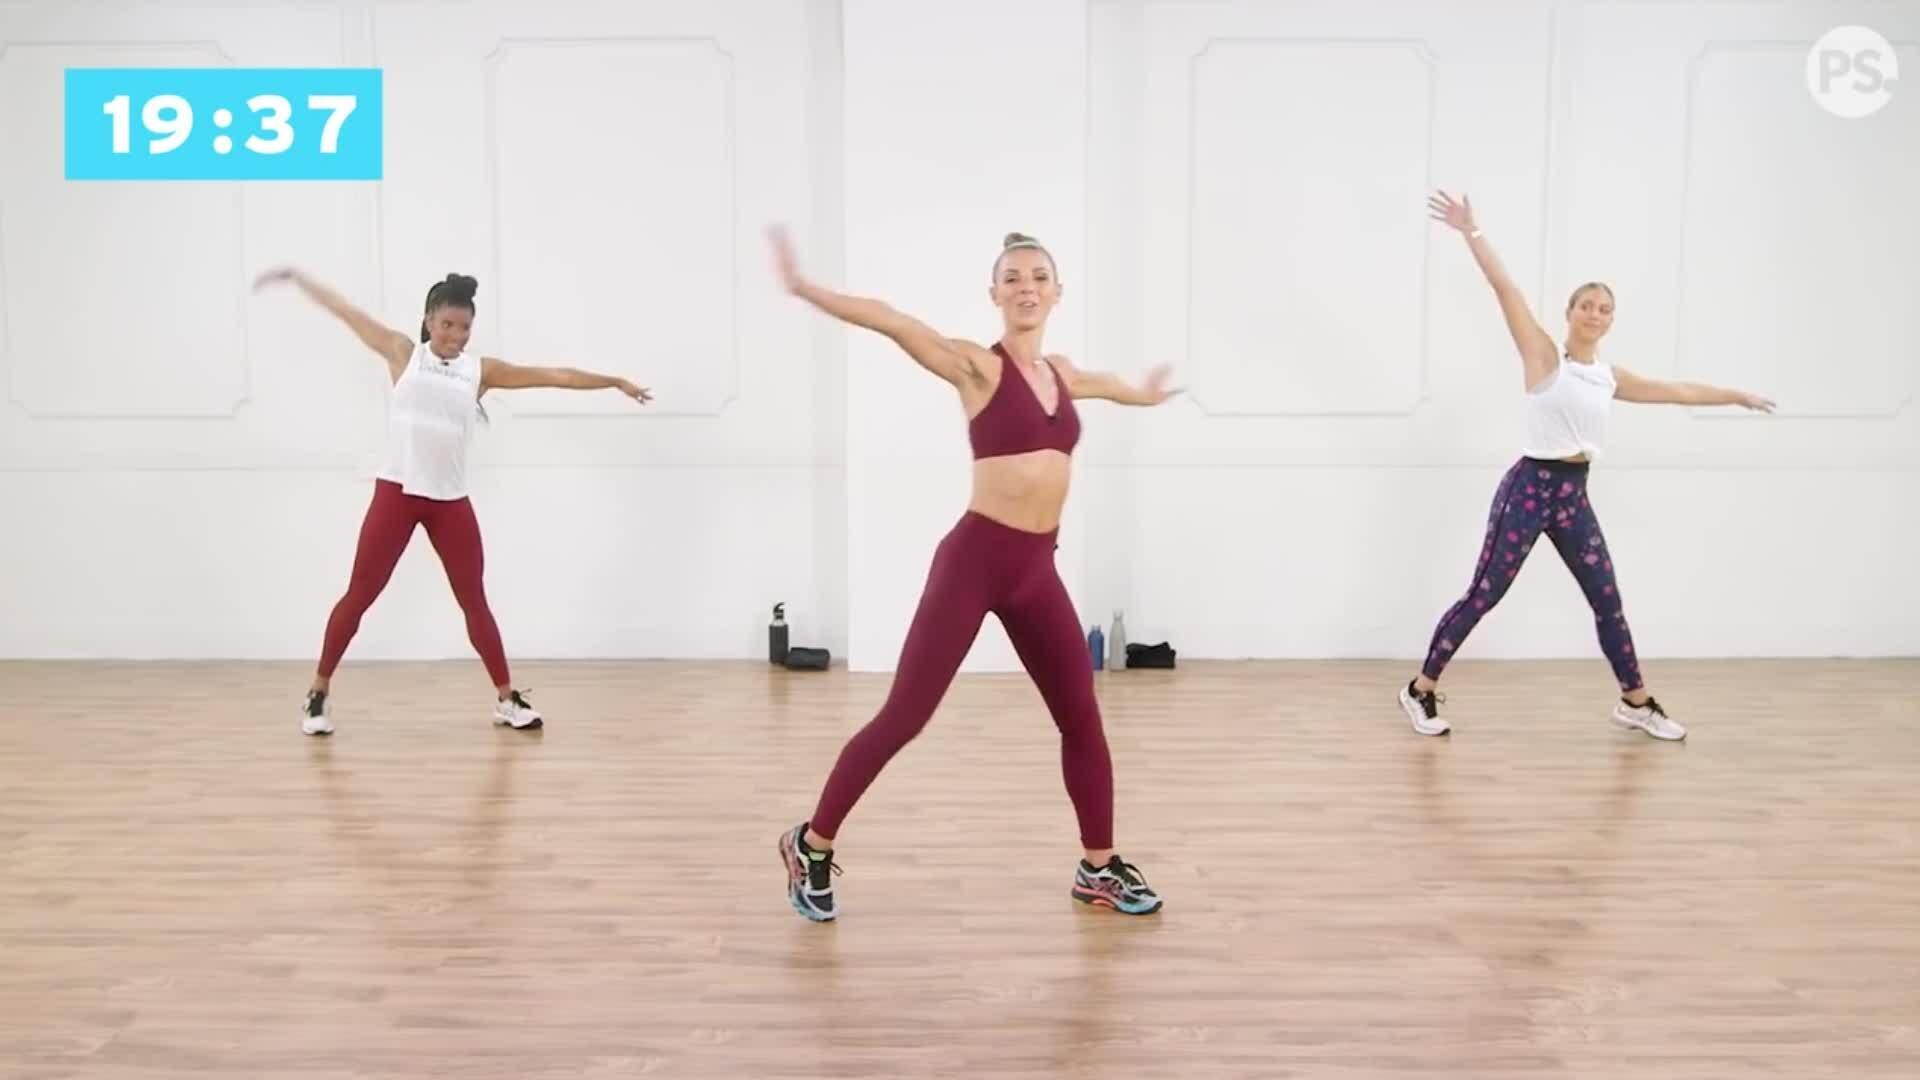 10 phút nhảy cardio để đốt mỡ bụng